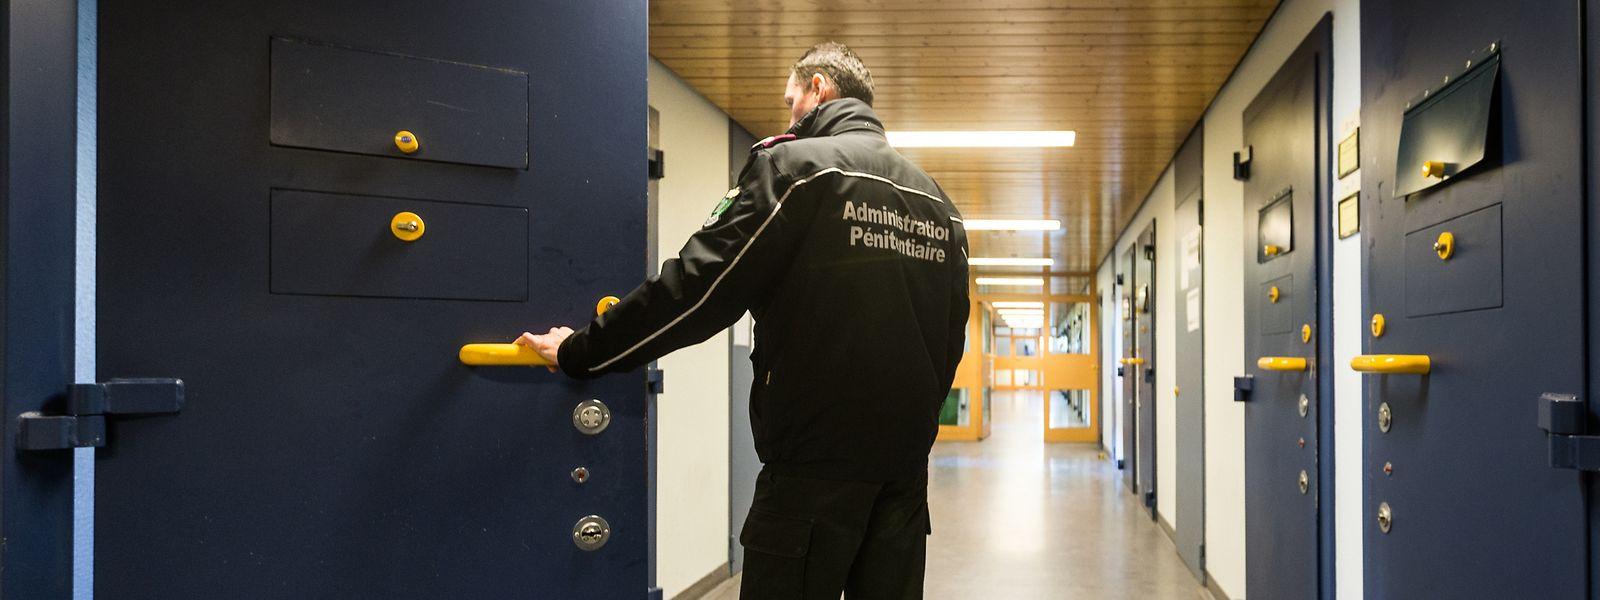 In Schrassig gibt eine gewisse Zahl von Inhaftierten, die keinerlei Skrupel haben und nicht zögern, das unter Beweis zu stellen.